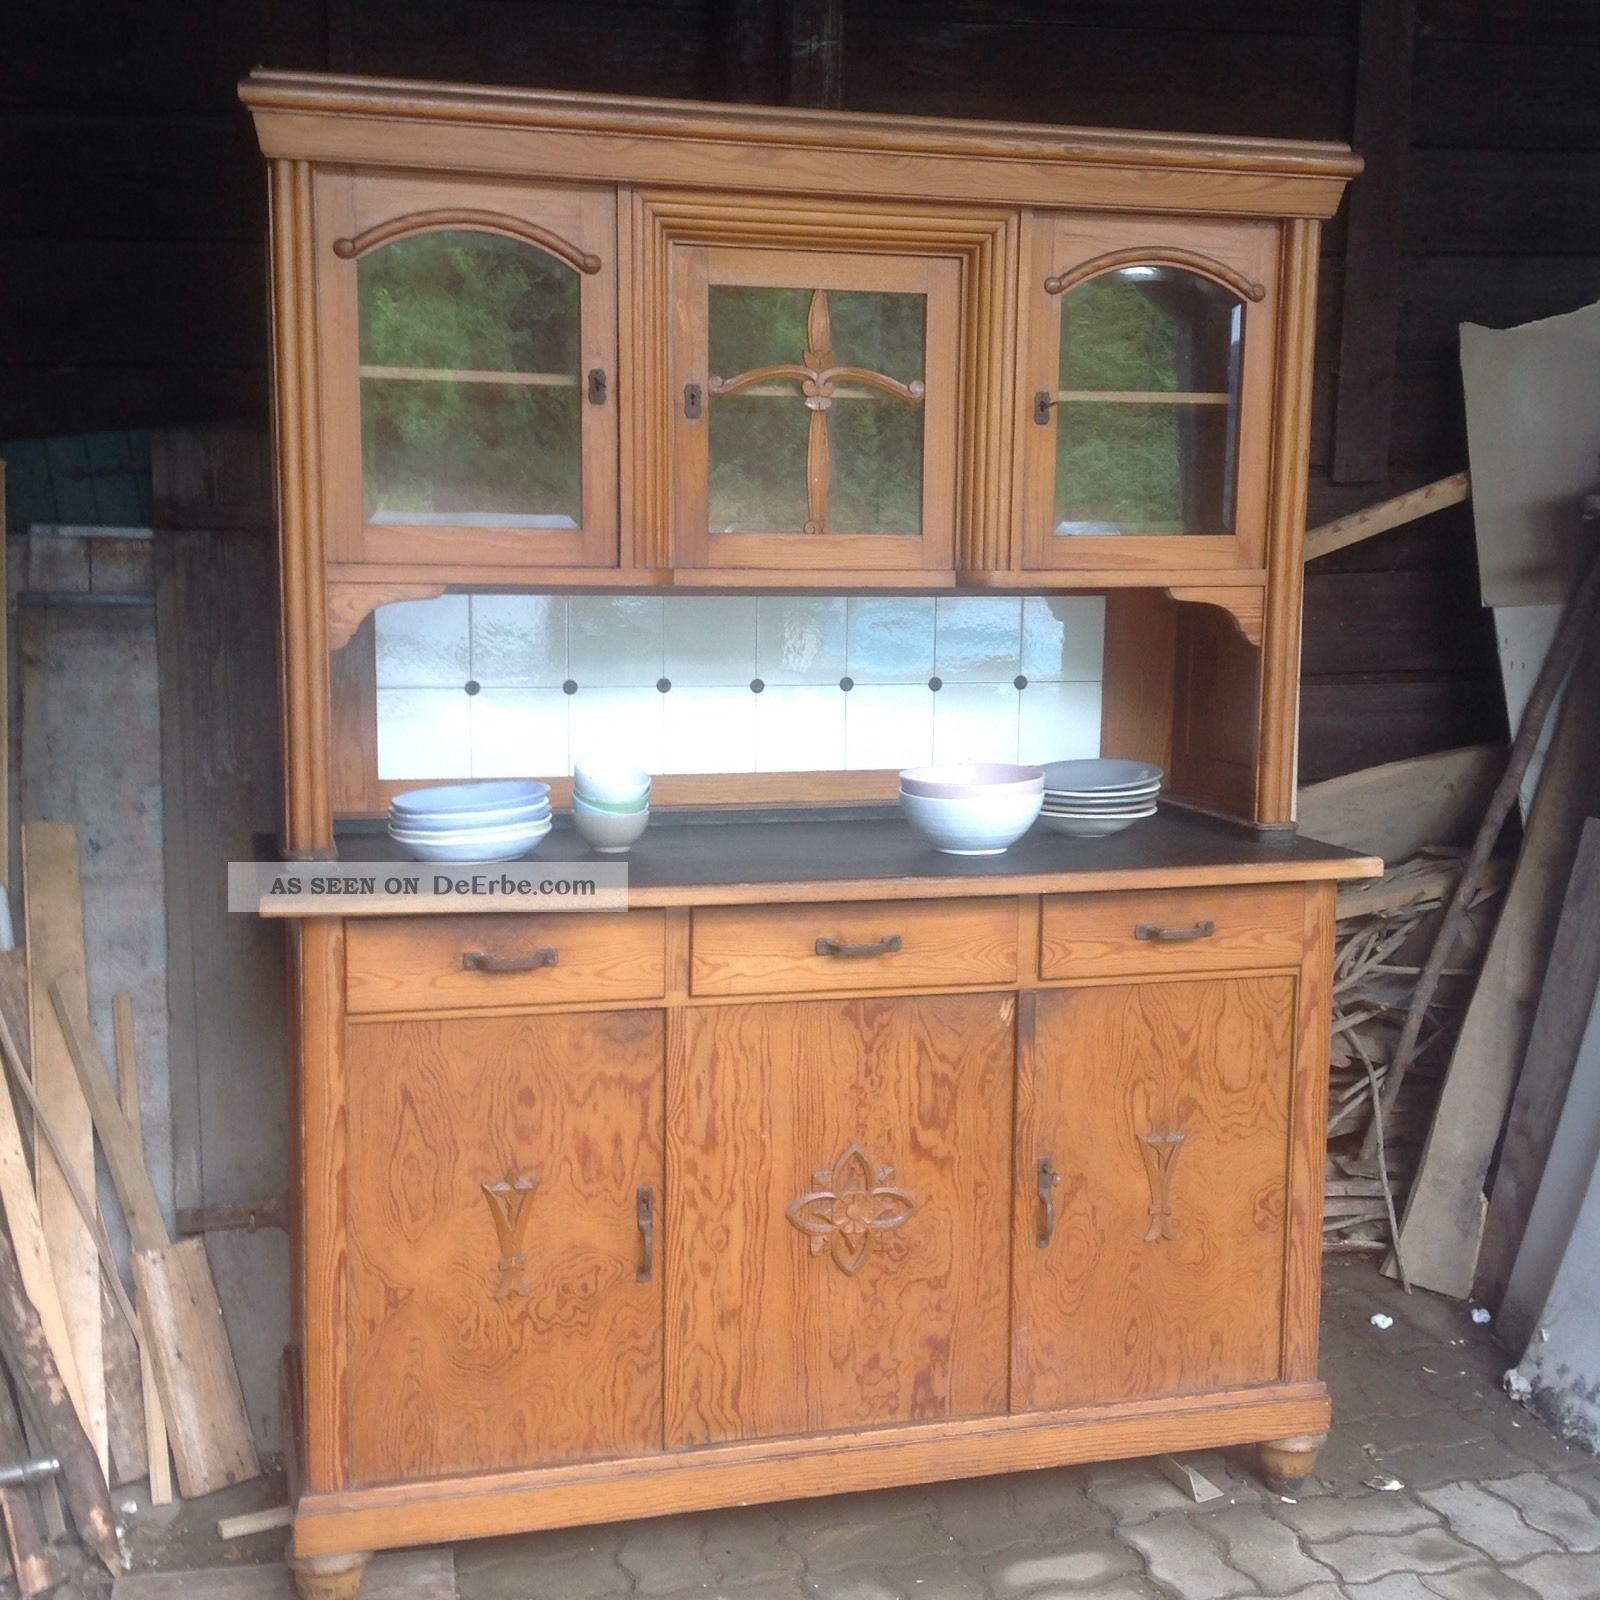 wundersch nes k chenbuffet buffet um 1920 antik weichholz. Black Bedroom Furniture Sets. Home Design Ideas